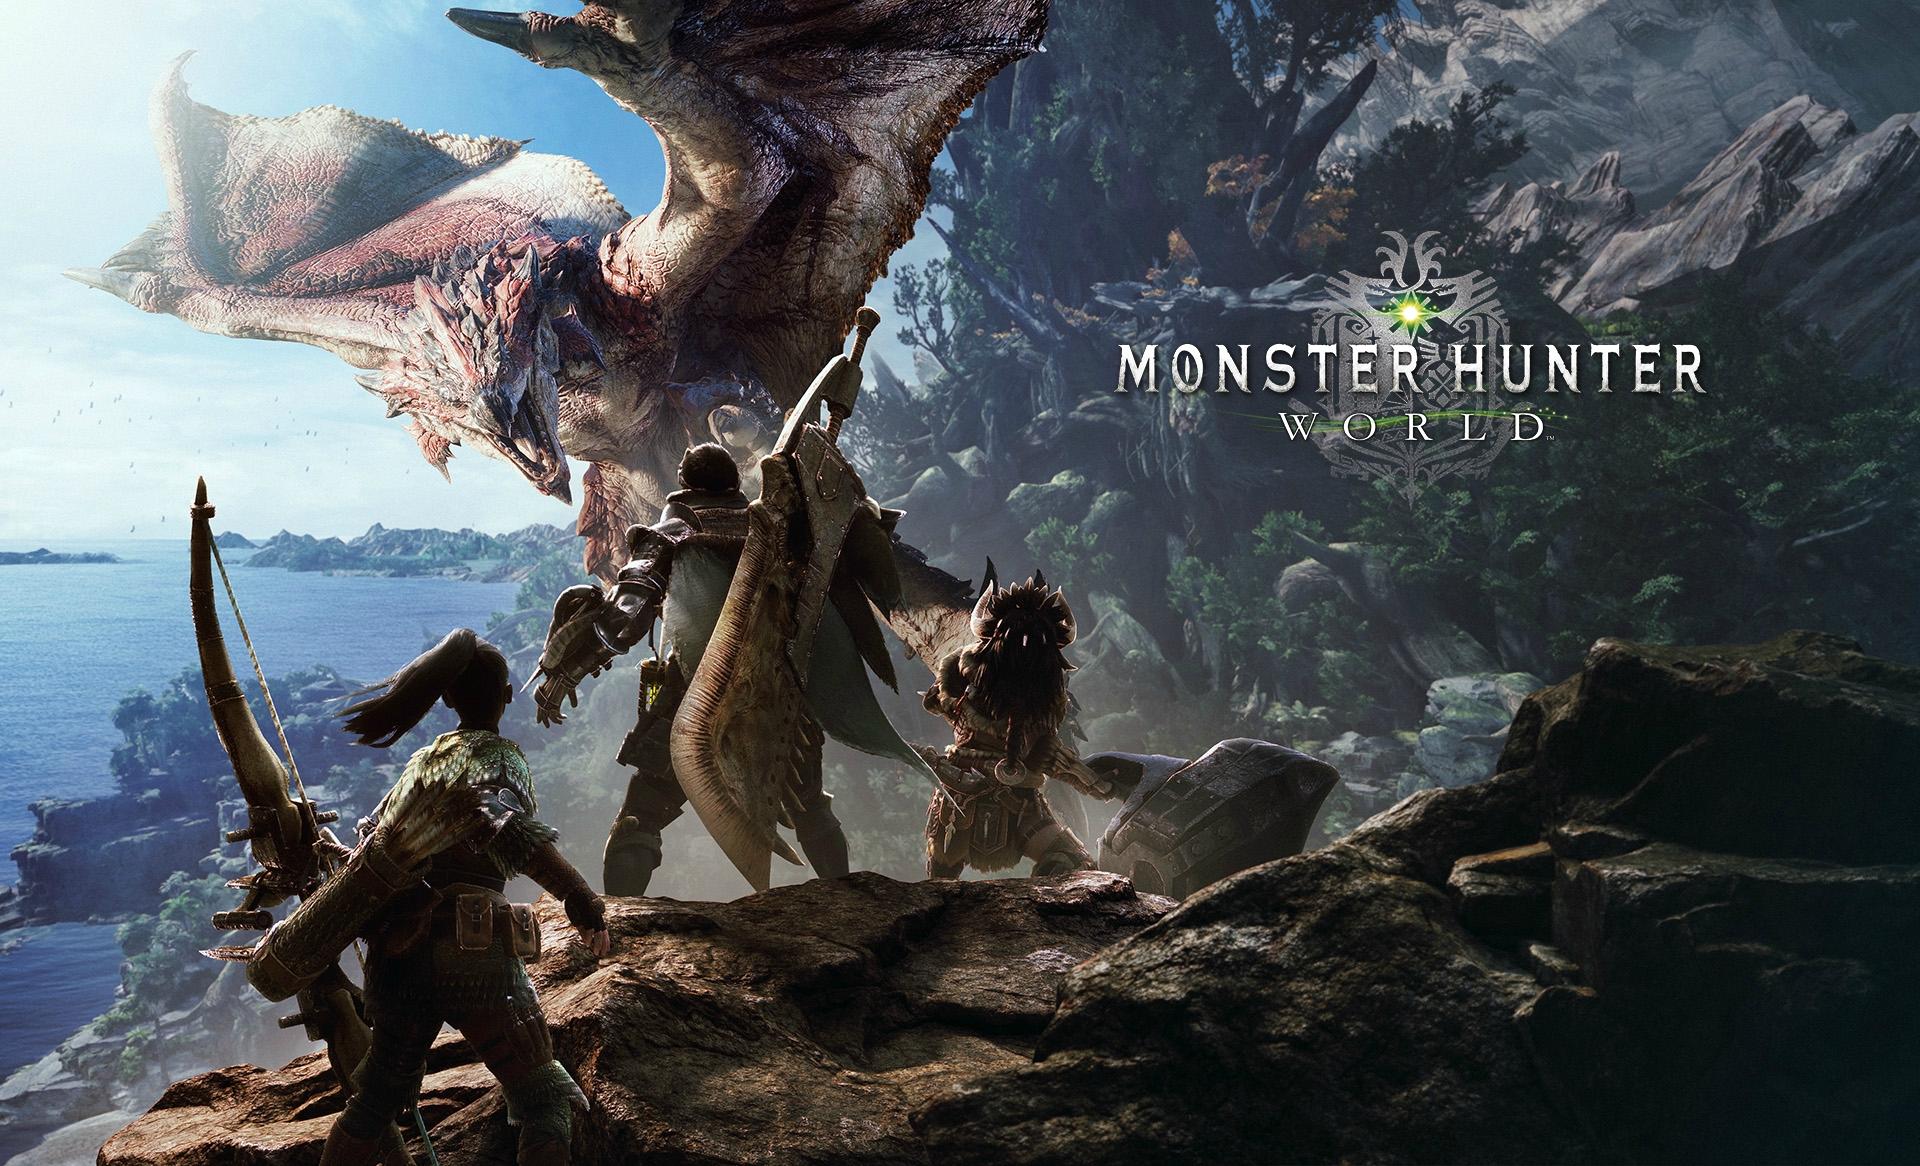 monster hunter world hd wallpaper : monsterhunter